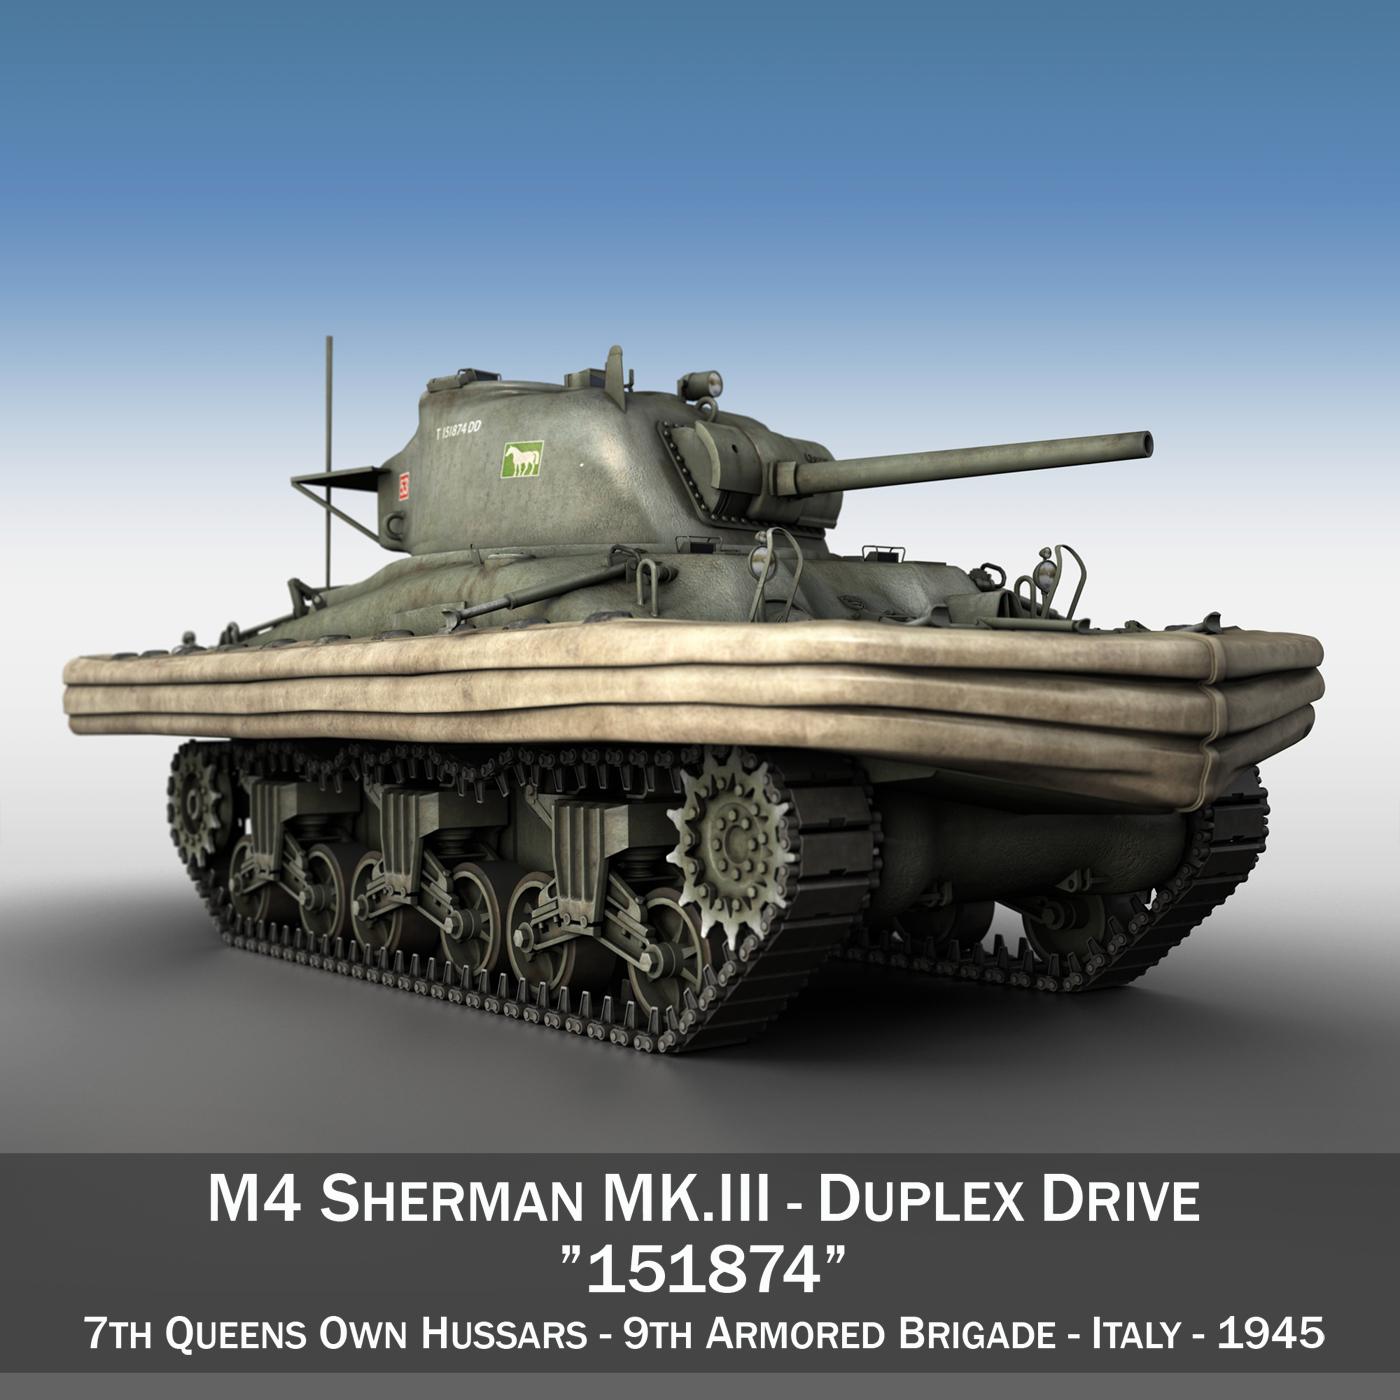 M4 Sherman MK.III - Duplex Drive 3d model 3ds fbx c4d lwo lws lw obj 292662